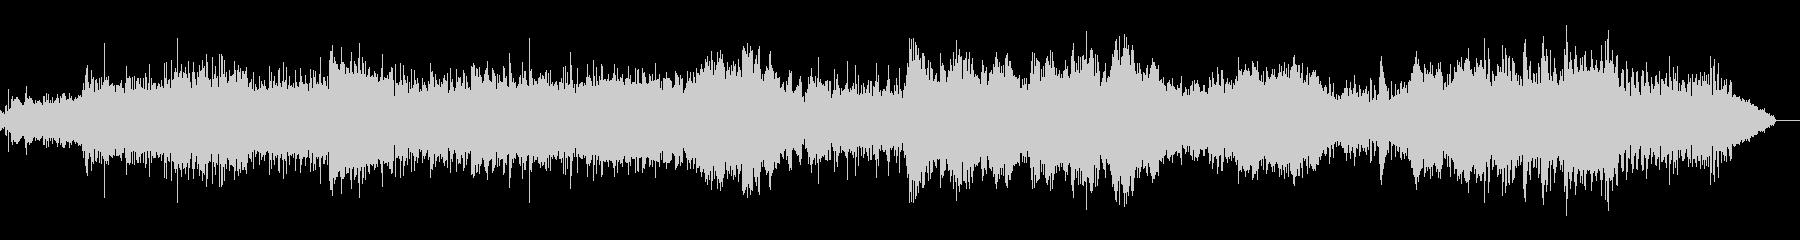 シンプルで調性のないシネマティックBGMの未再生の波形